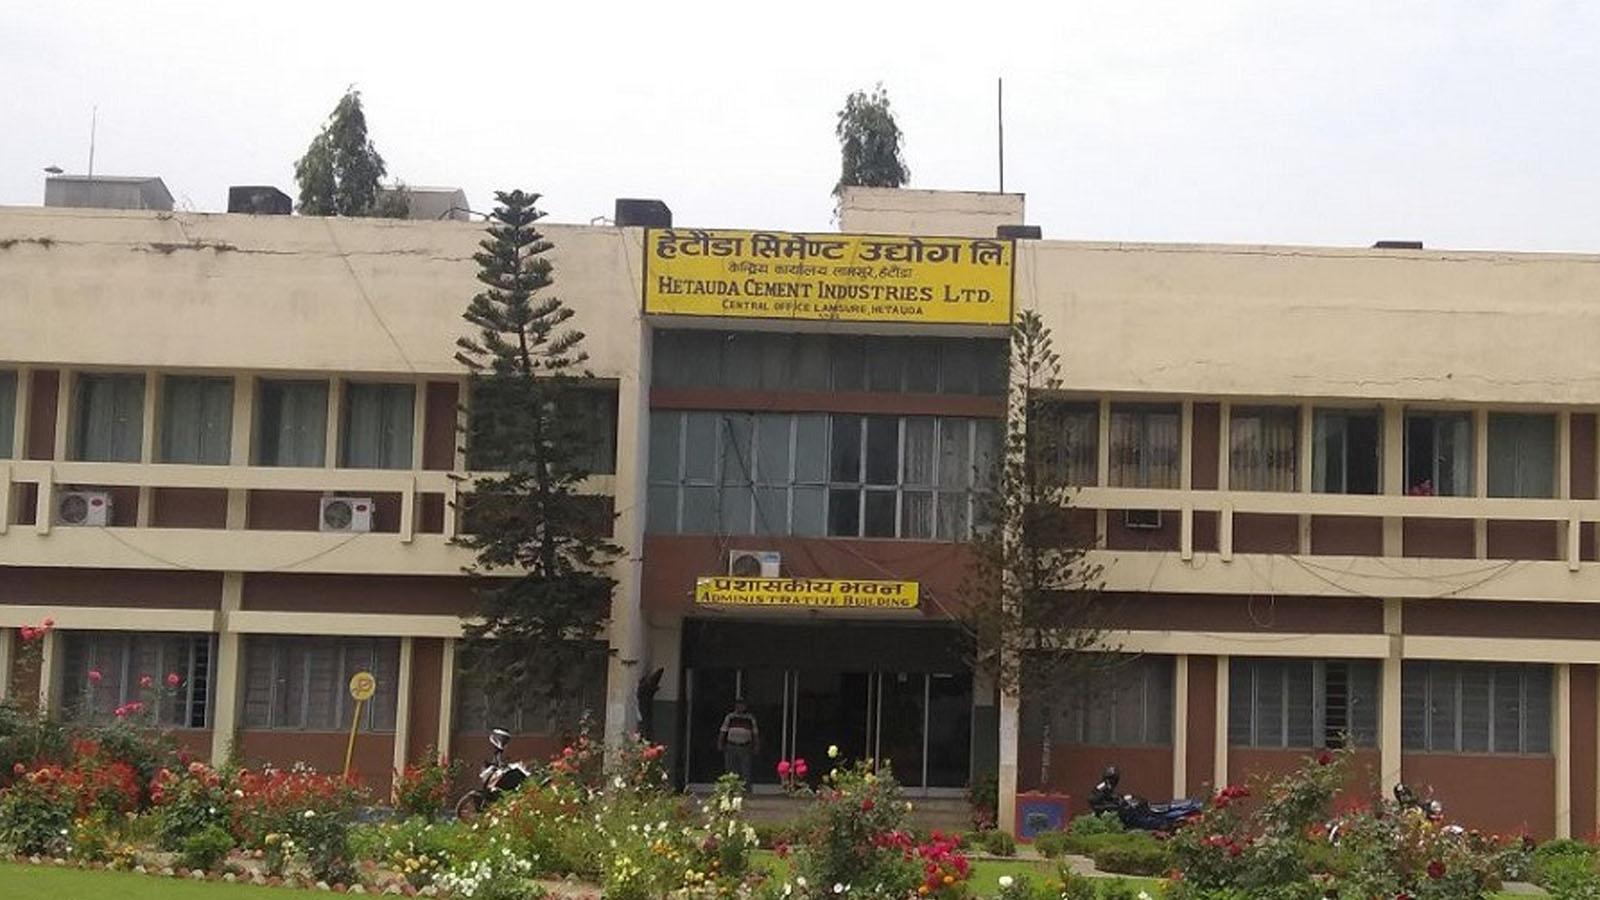 करोडौँ घाटामा हेटौँडा सिमेन्ट उद्योग